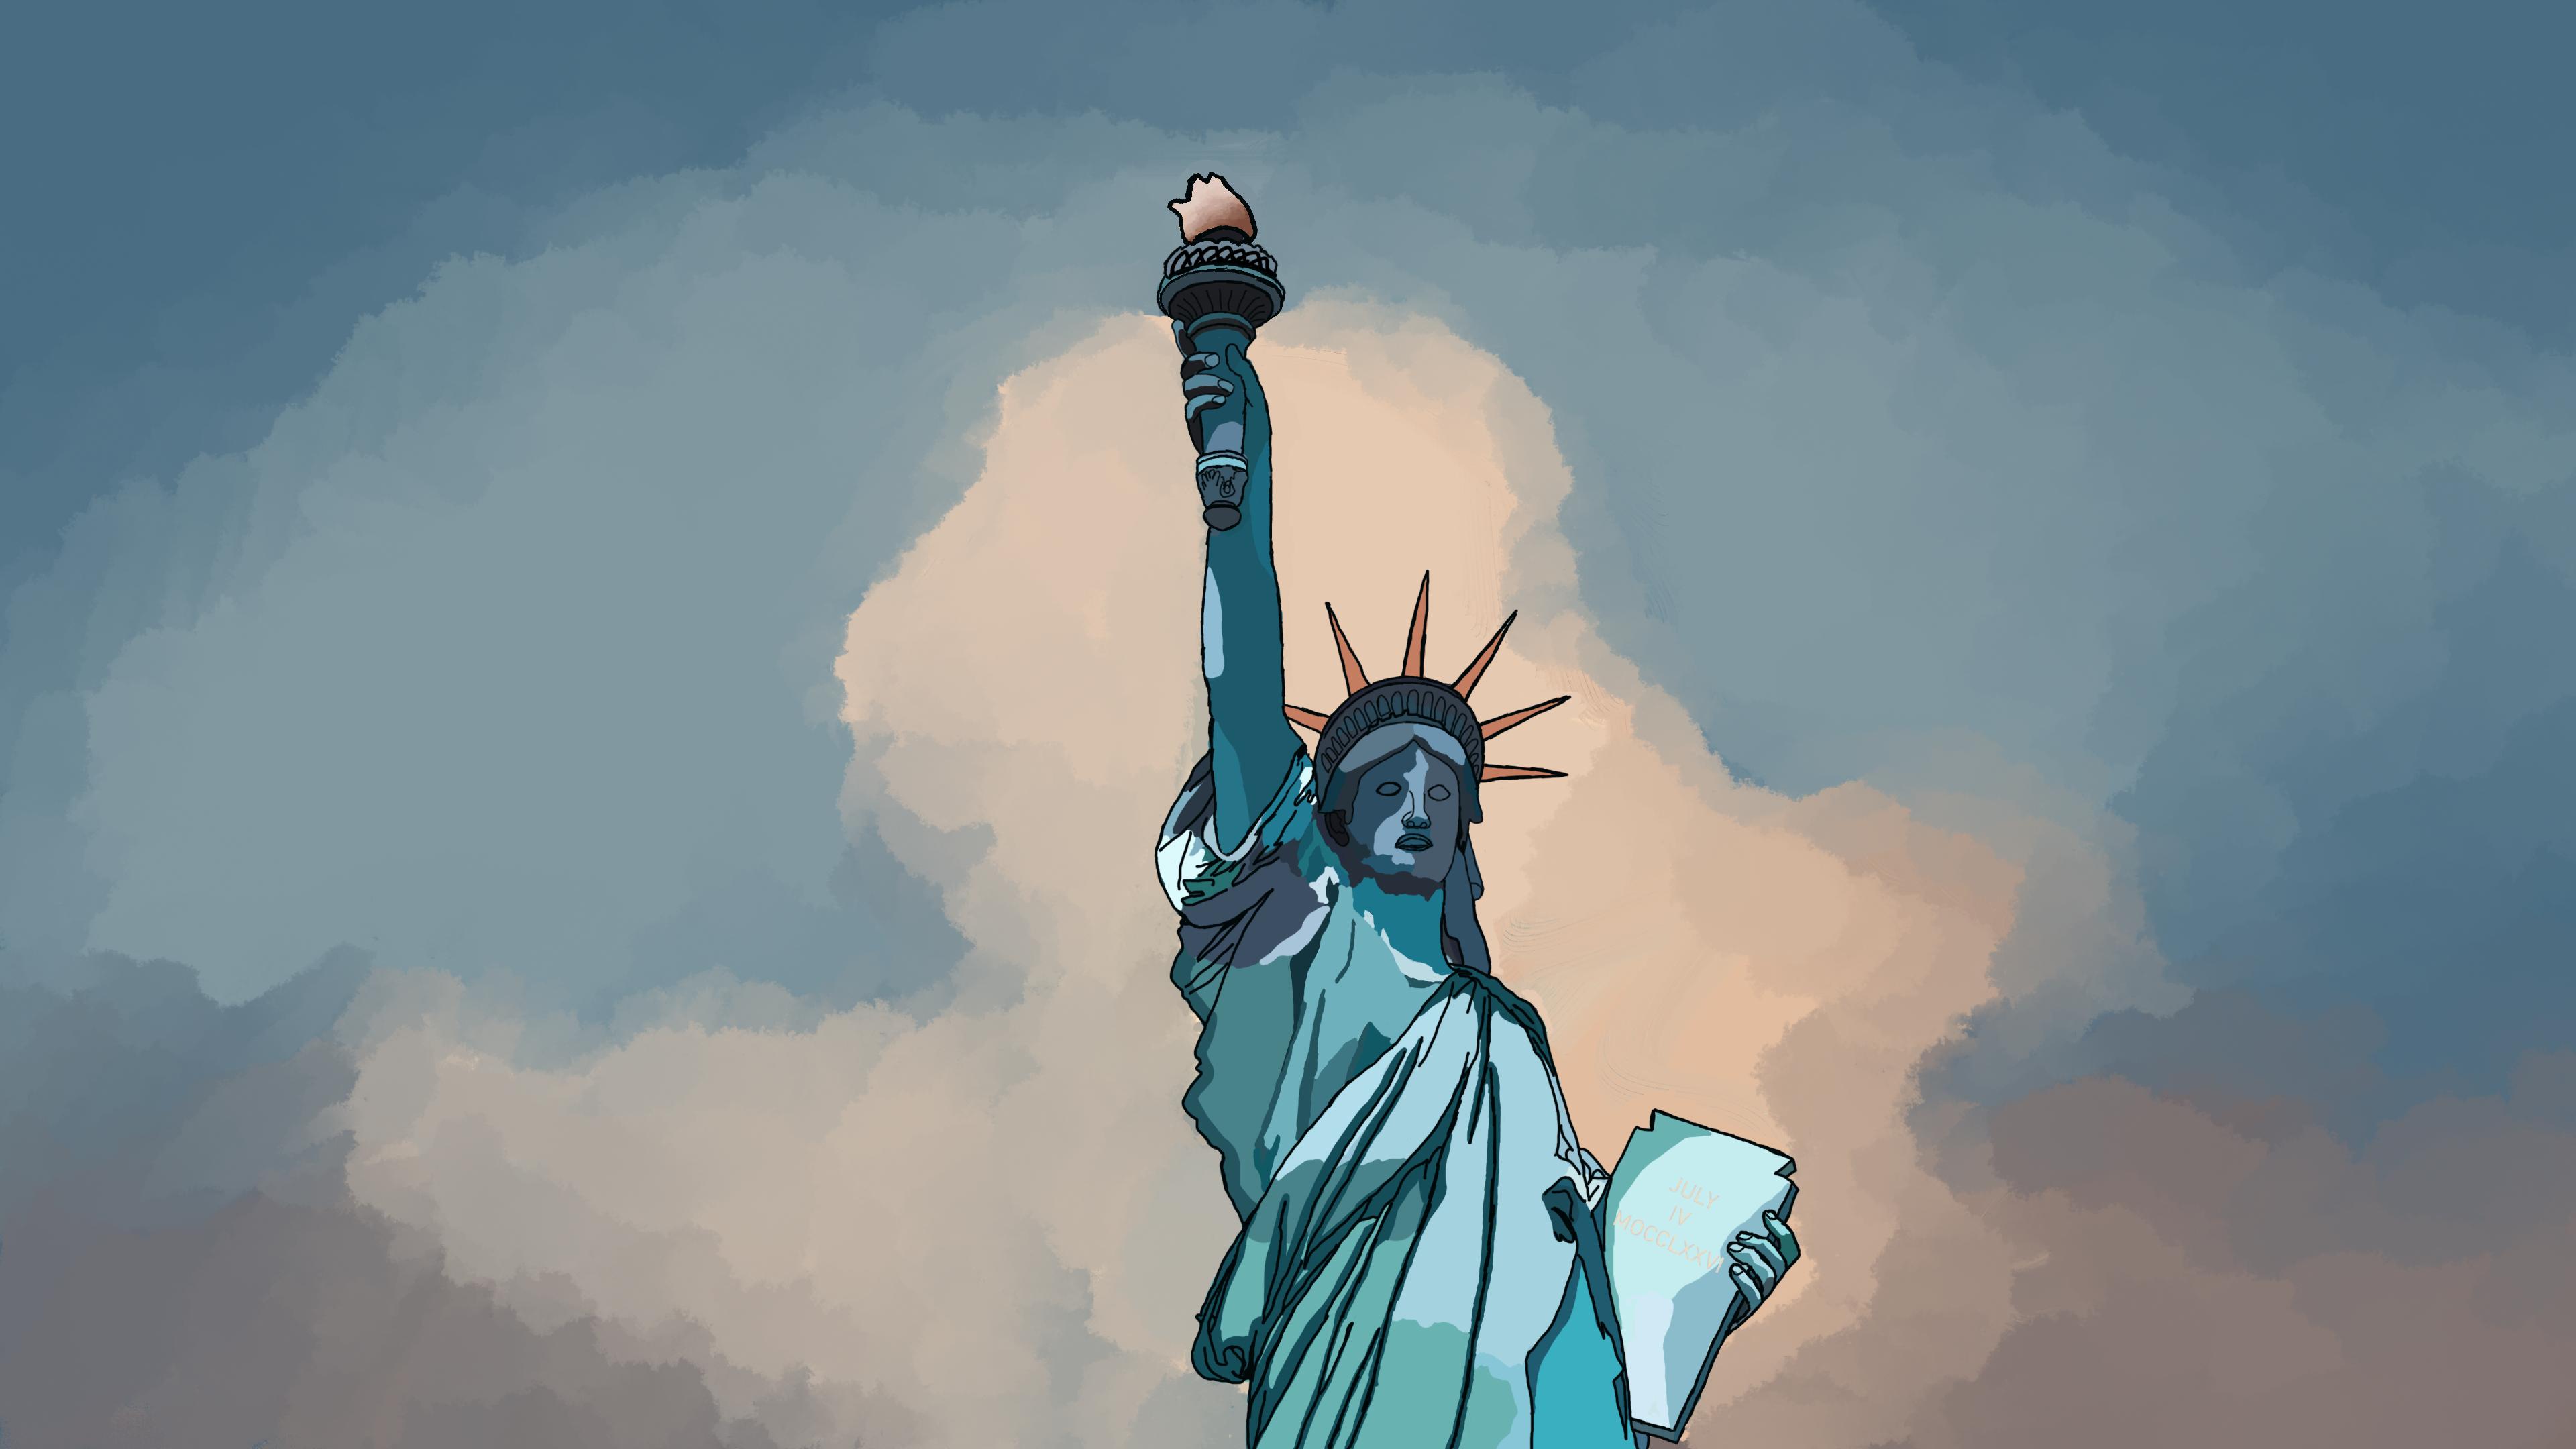 Statue Of Liberty 4k Ultra Fondo De Pantalla Hd Fondo De